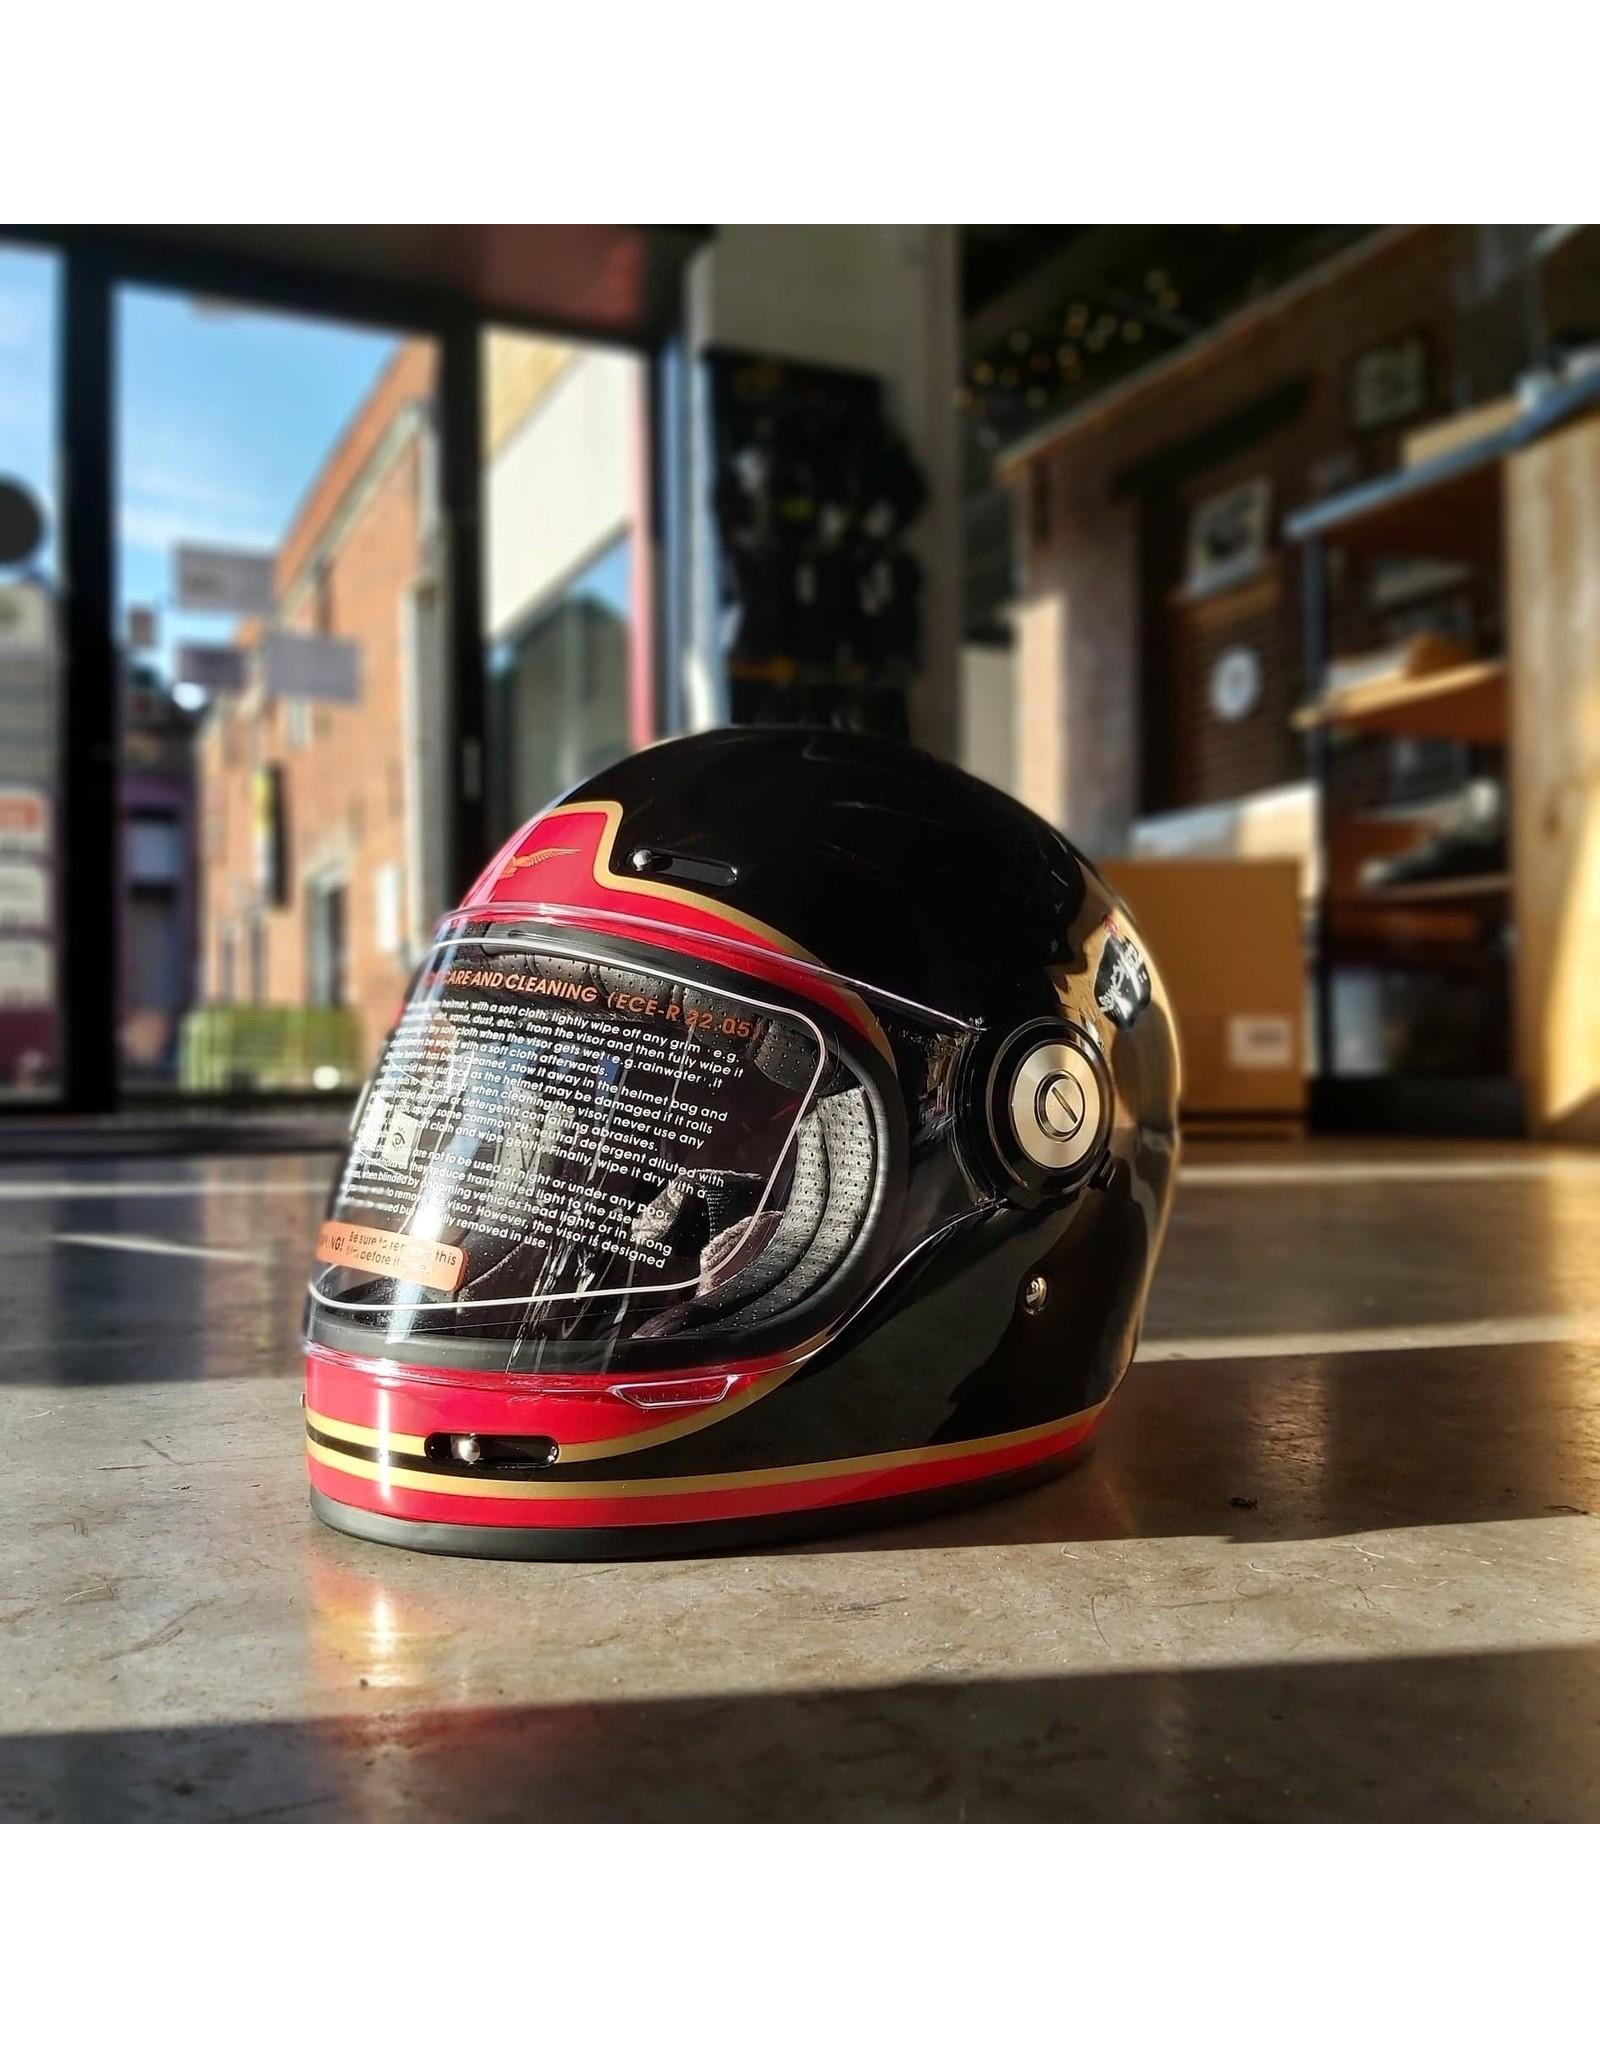 Moto Guzzi Moto Guzzi retro helmet